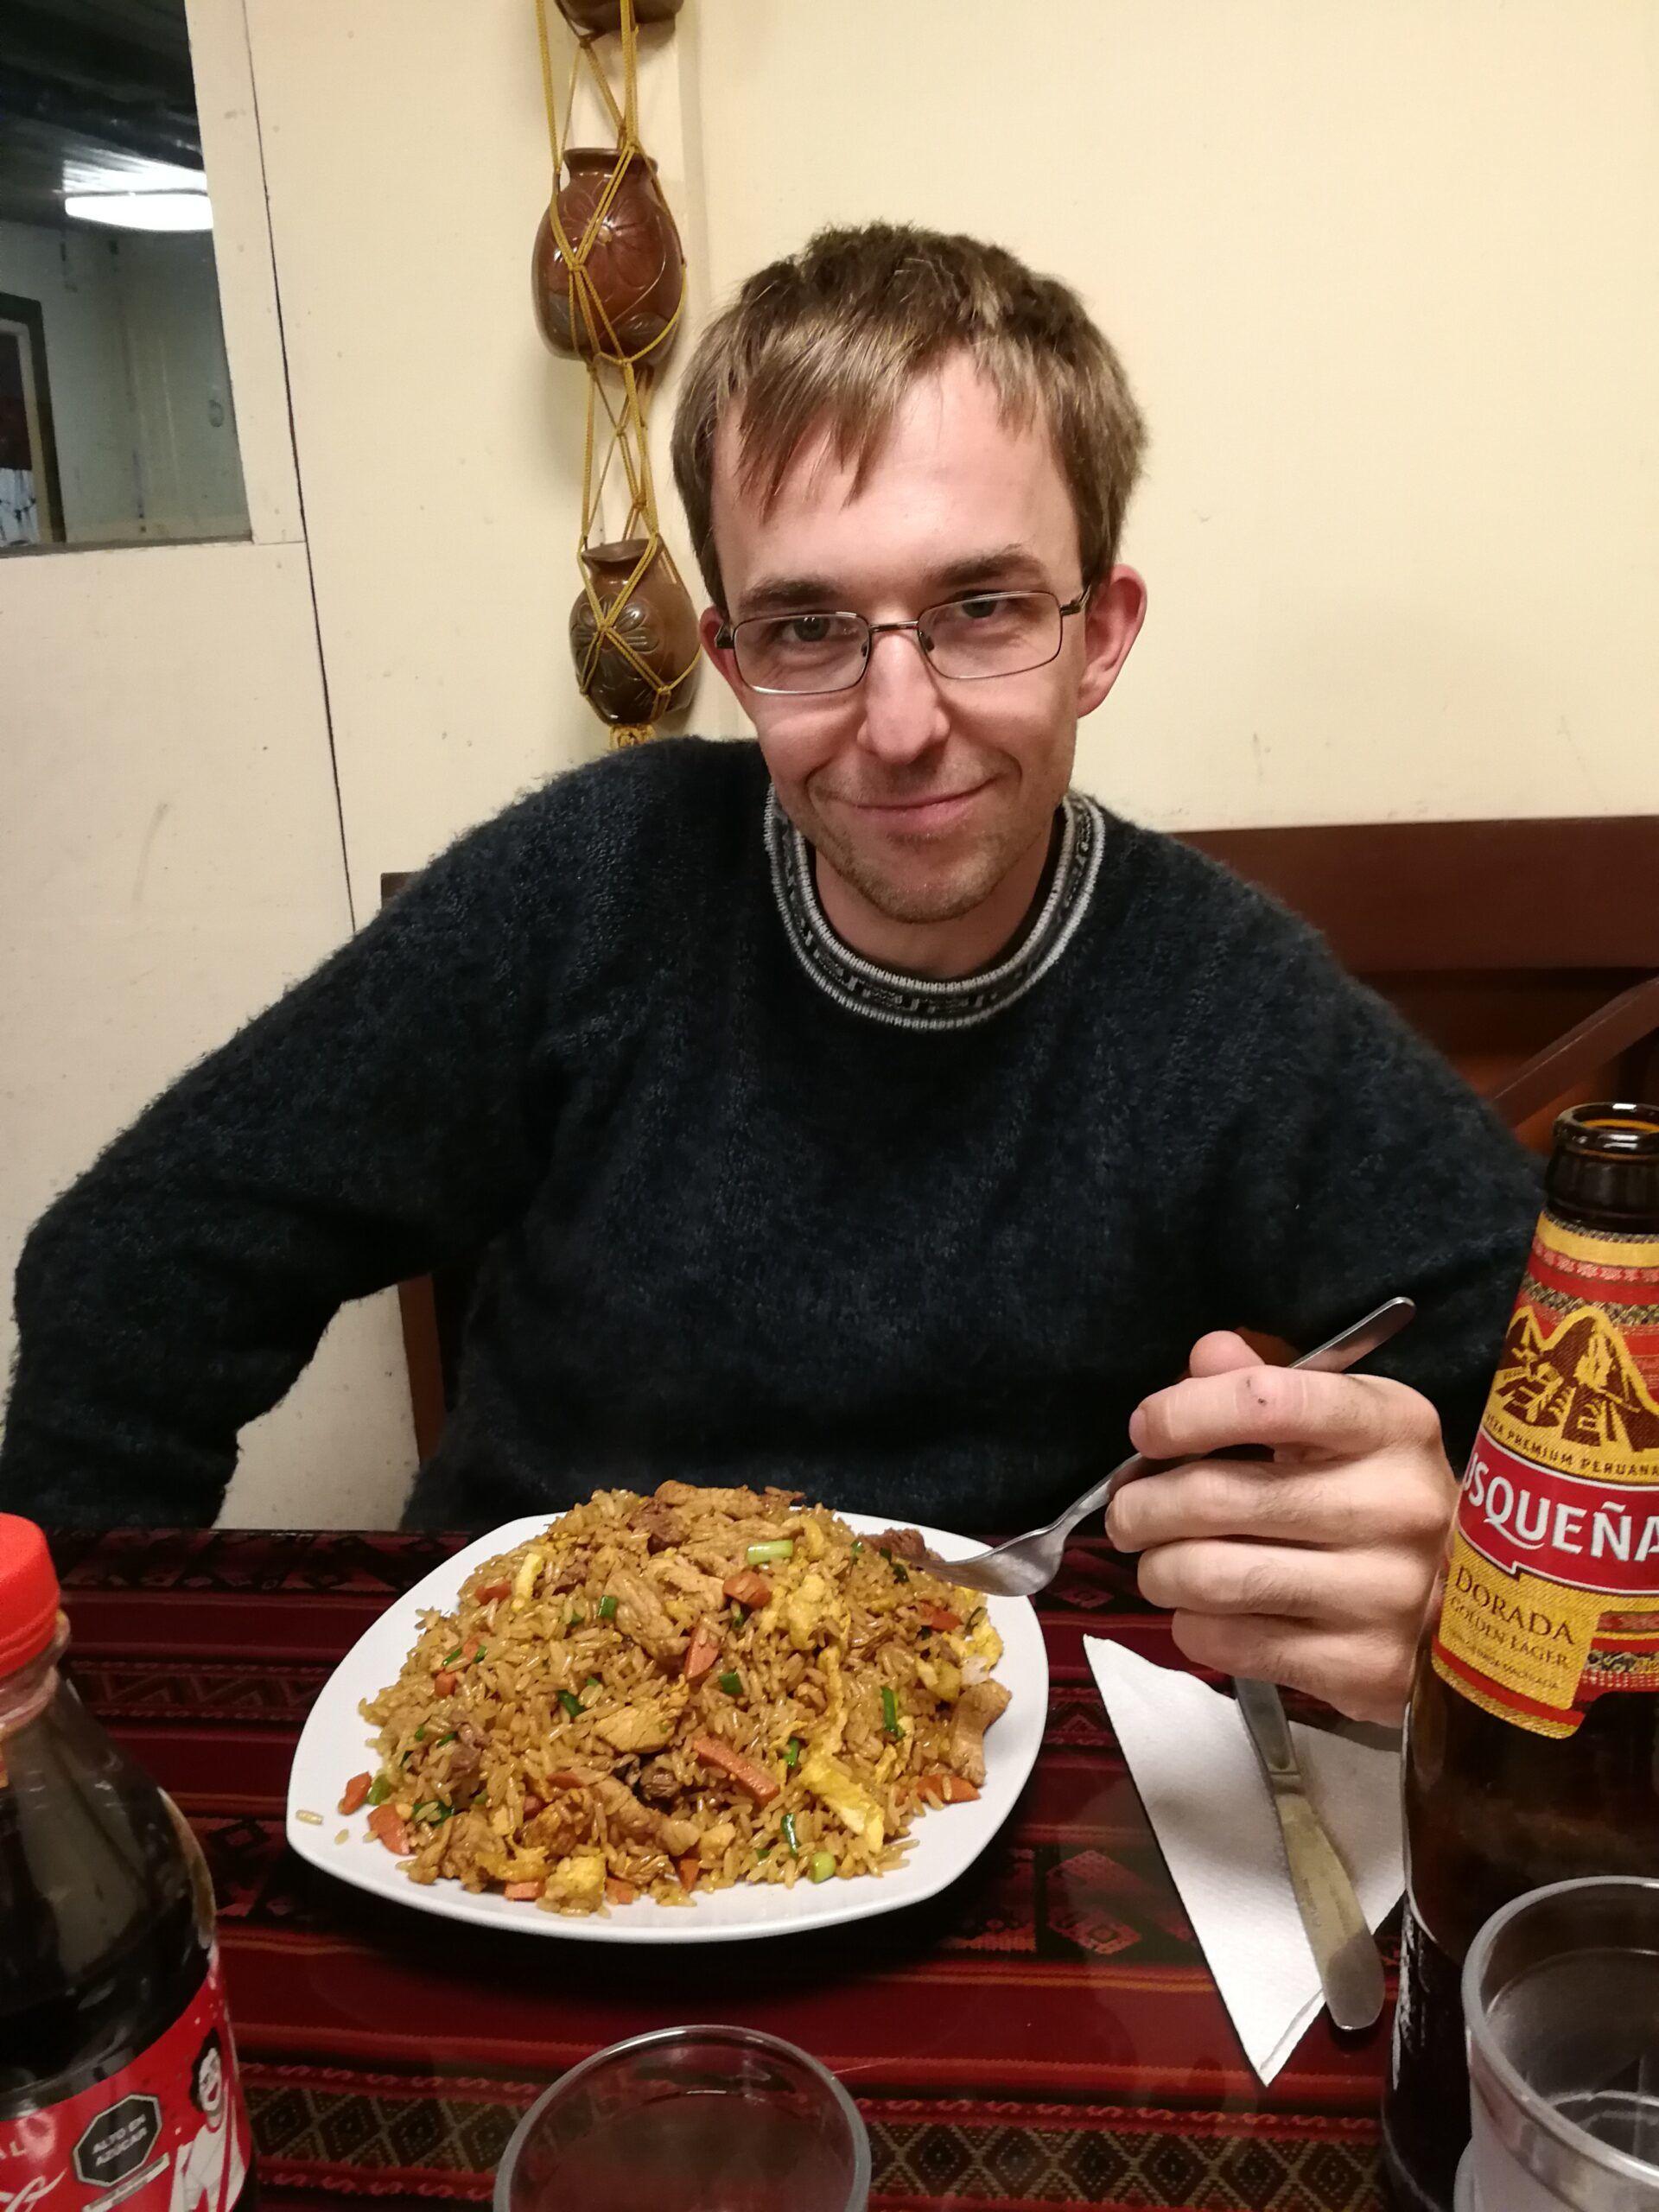 Chaufa ist ein leckeres Reisgericht in Peru. In diesem Restaurant haben wir besonders viel bekommen